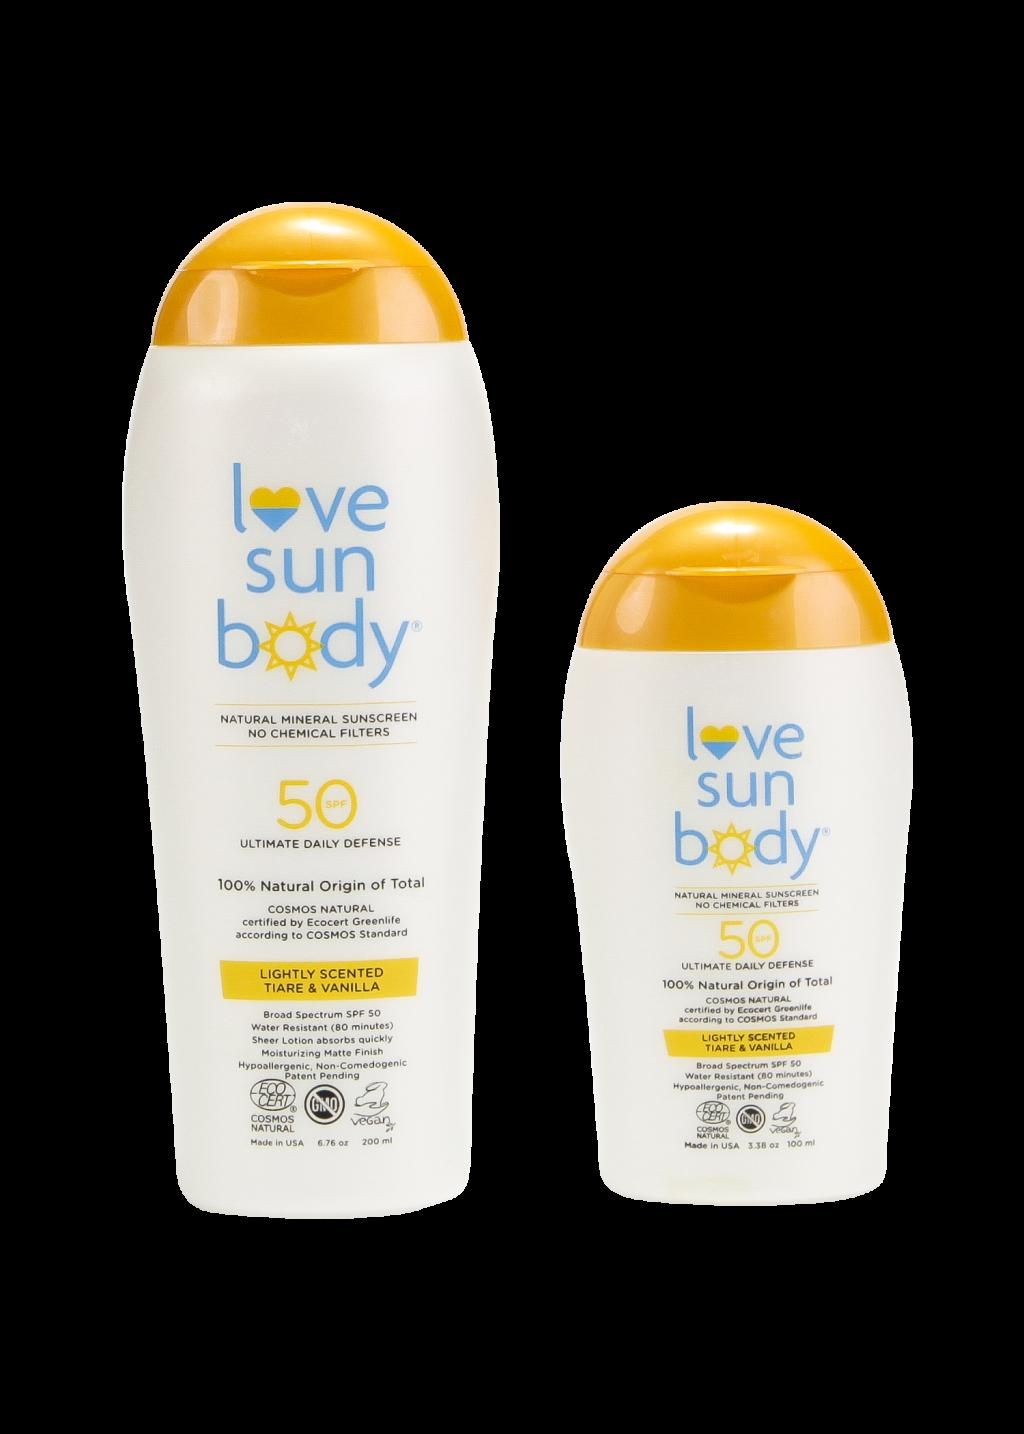 Love Sun Body Sunscreen